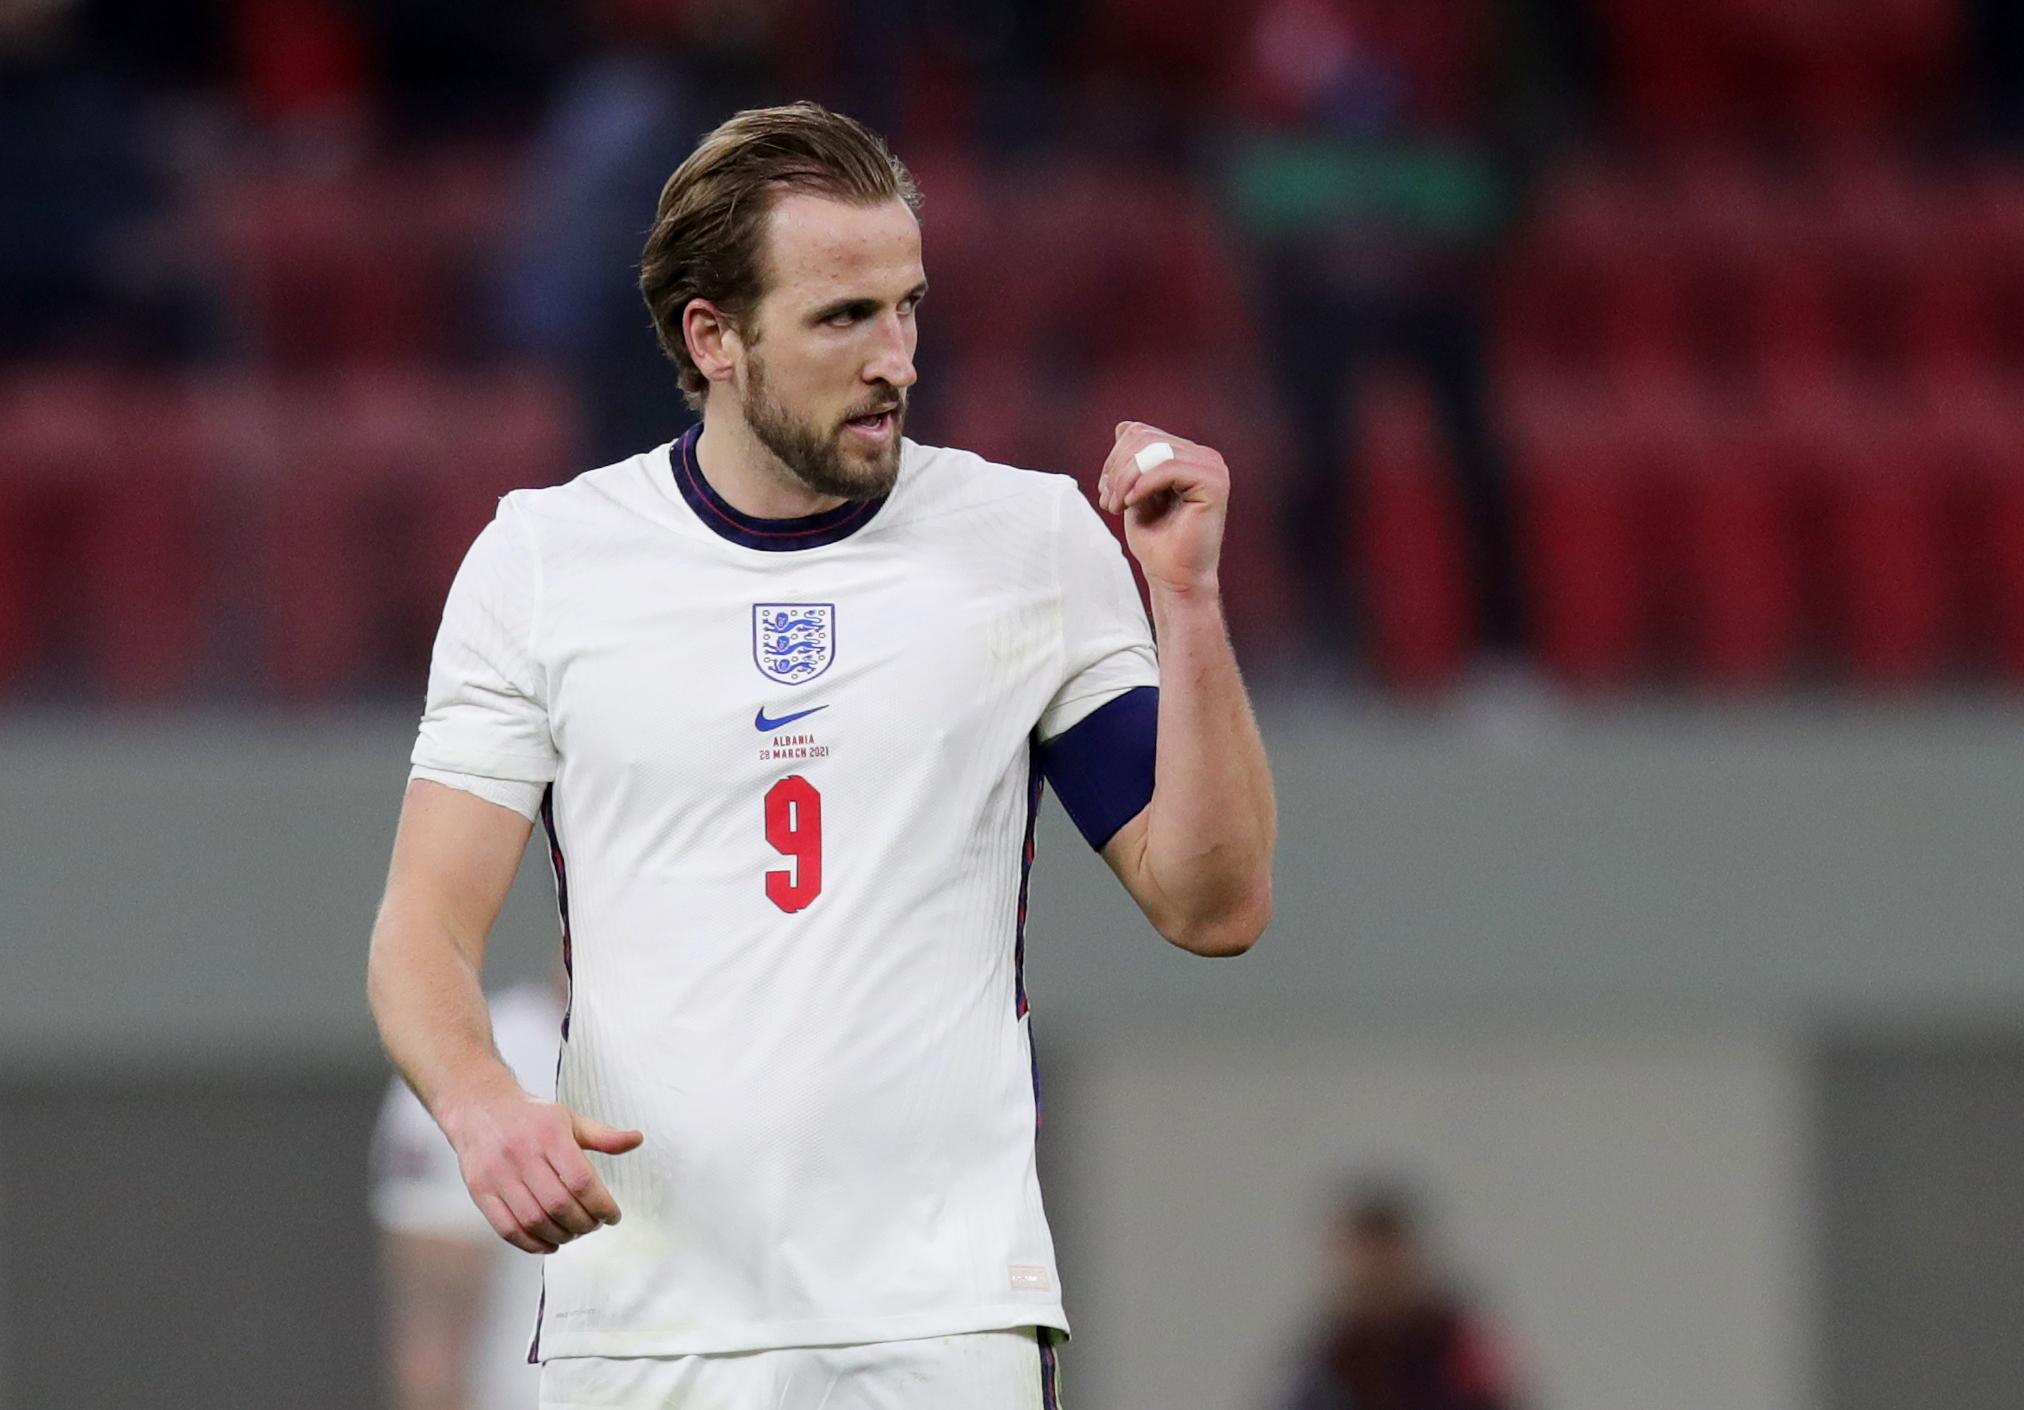 Pertandingan Piala Eropa 2020 yang mempertemukan Inggris vs Kroasia dapat disaksikan secara langsung via link live streaming berikut ini. (foto: REUTERS/Florion Goga)